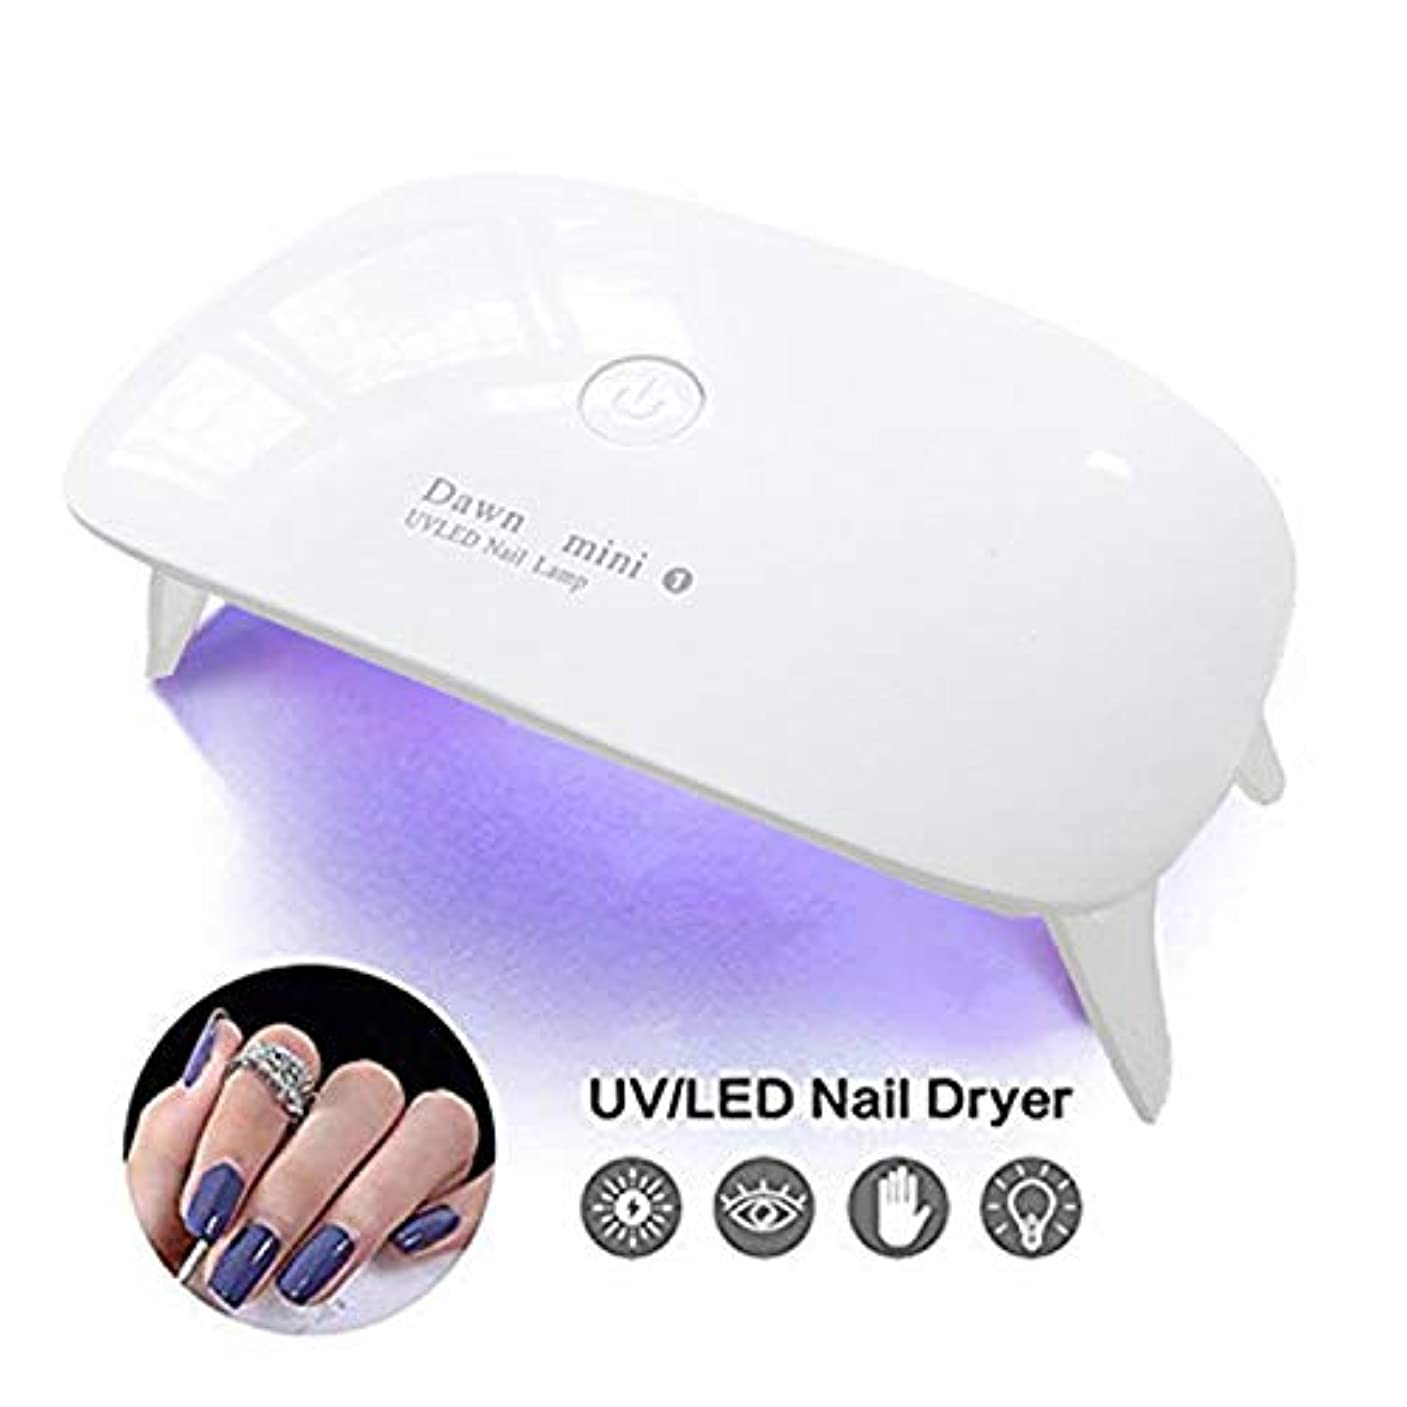 満州セールスマン治世UVライト LEDネイルドライヤー ジェルネイルLEDライト 硬化ライト タイマー設定可能 折りたたみ式手足とも使える UV と LEDダブルライト ジェルネイル用 ホワイト 日本語説明書付き